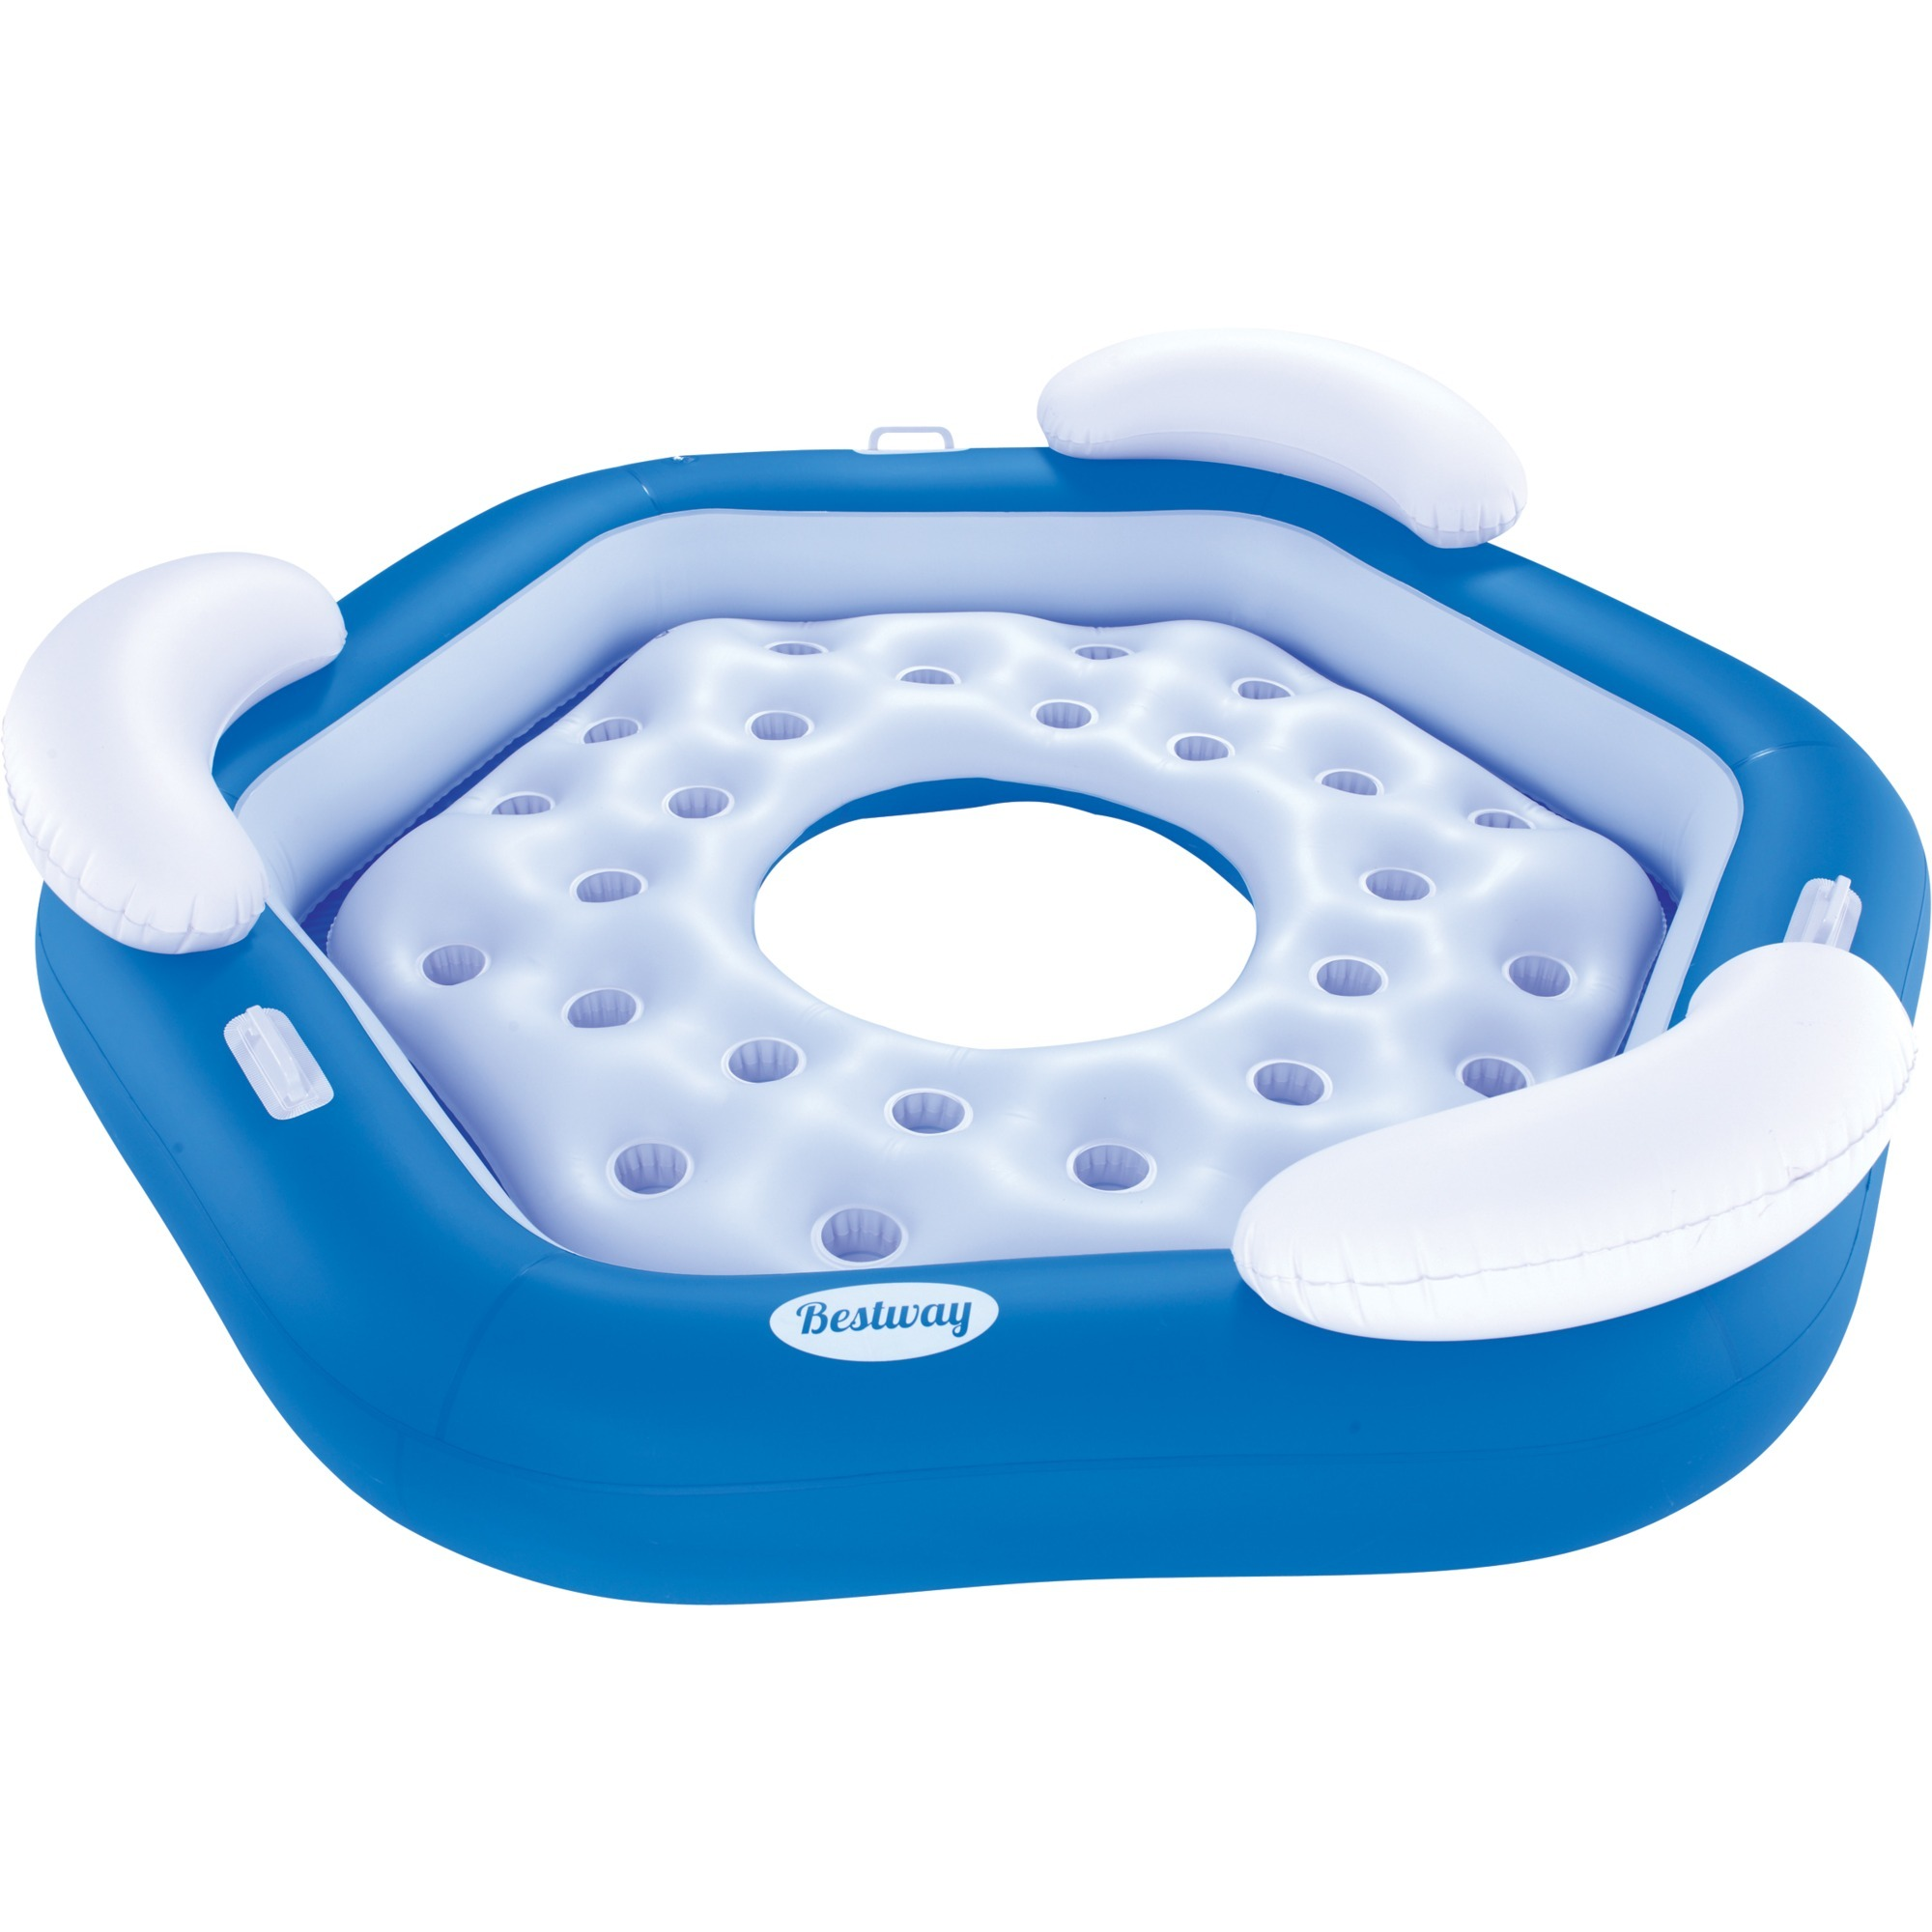 43111 Azul, Color blanco Vinilo Isla flotante flotador para piscina y playa, Productos de inflación